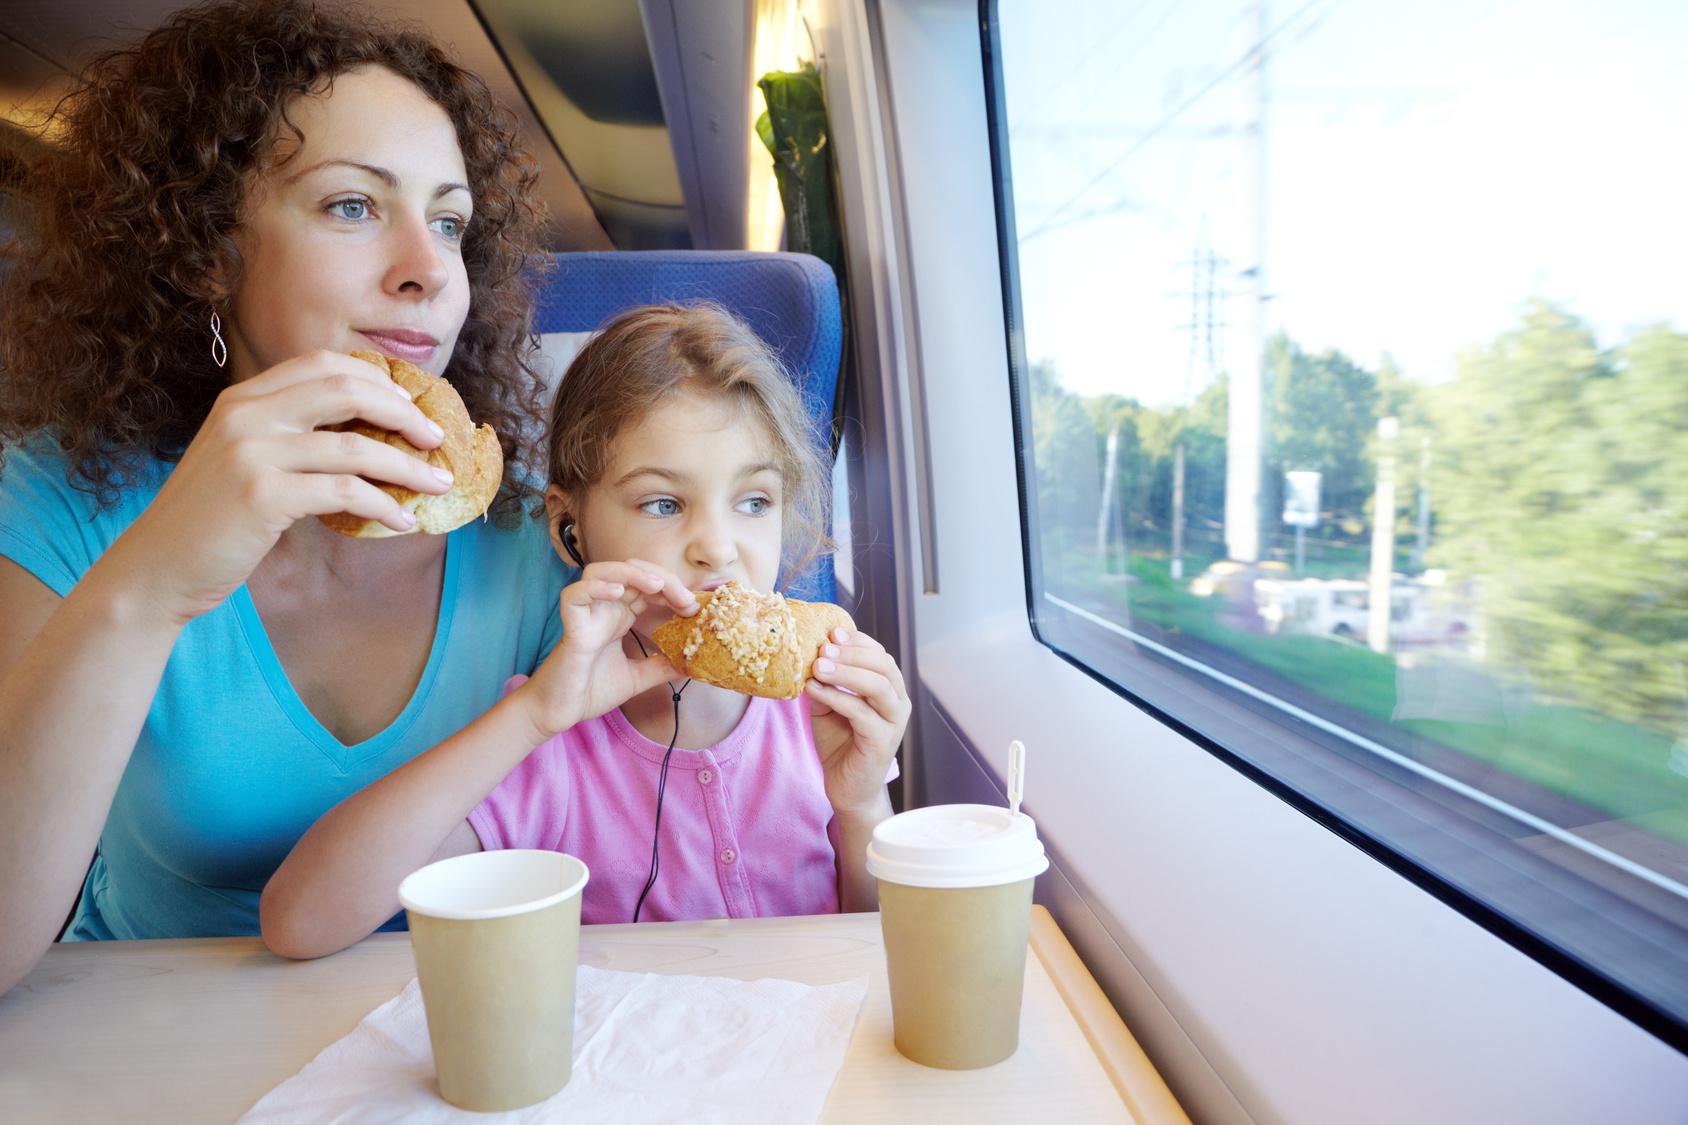 С мамой в поезде 8 фотография